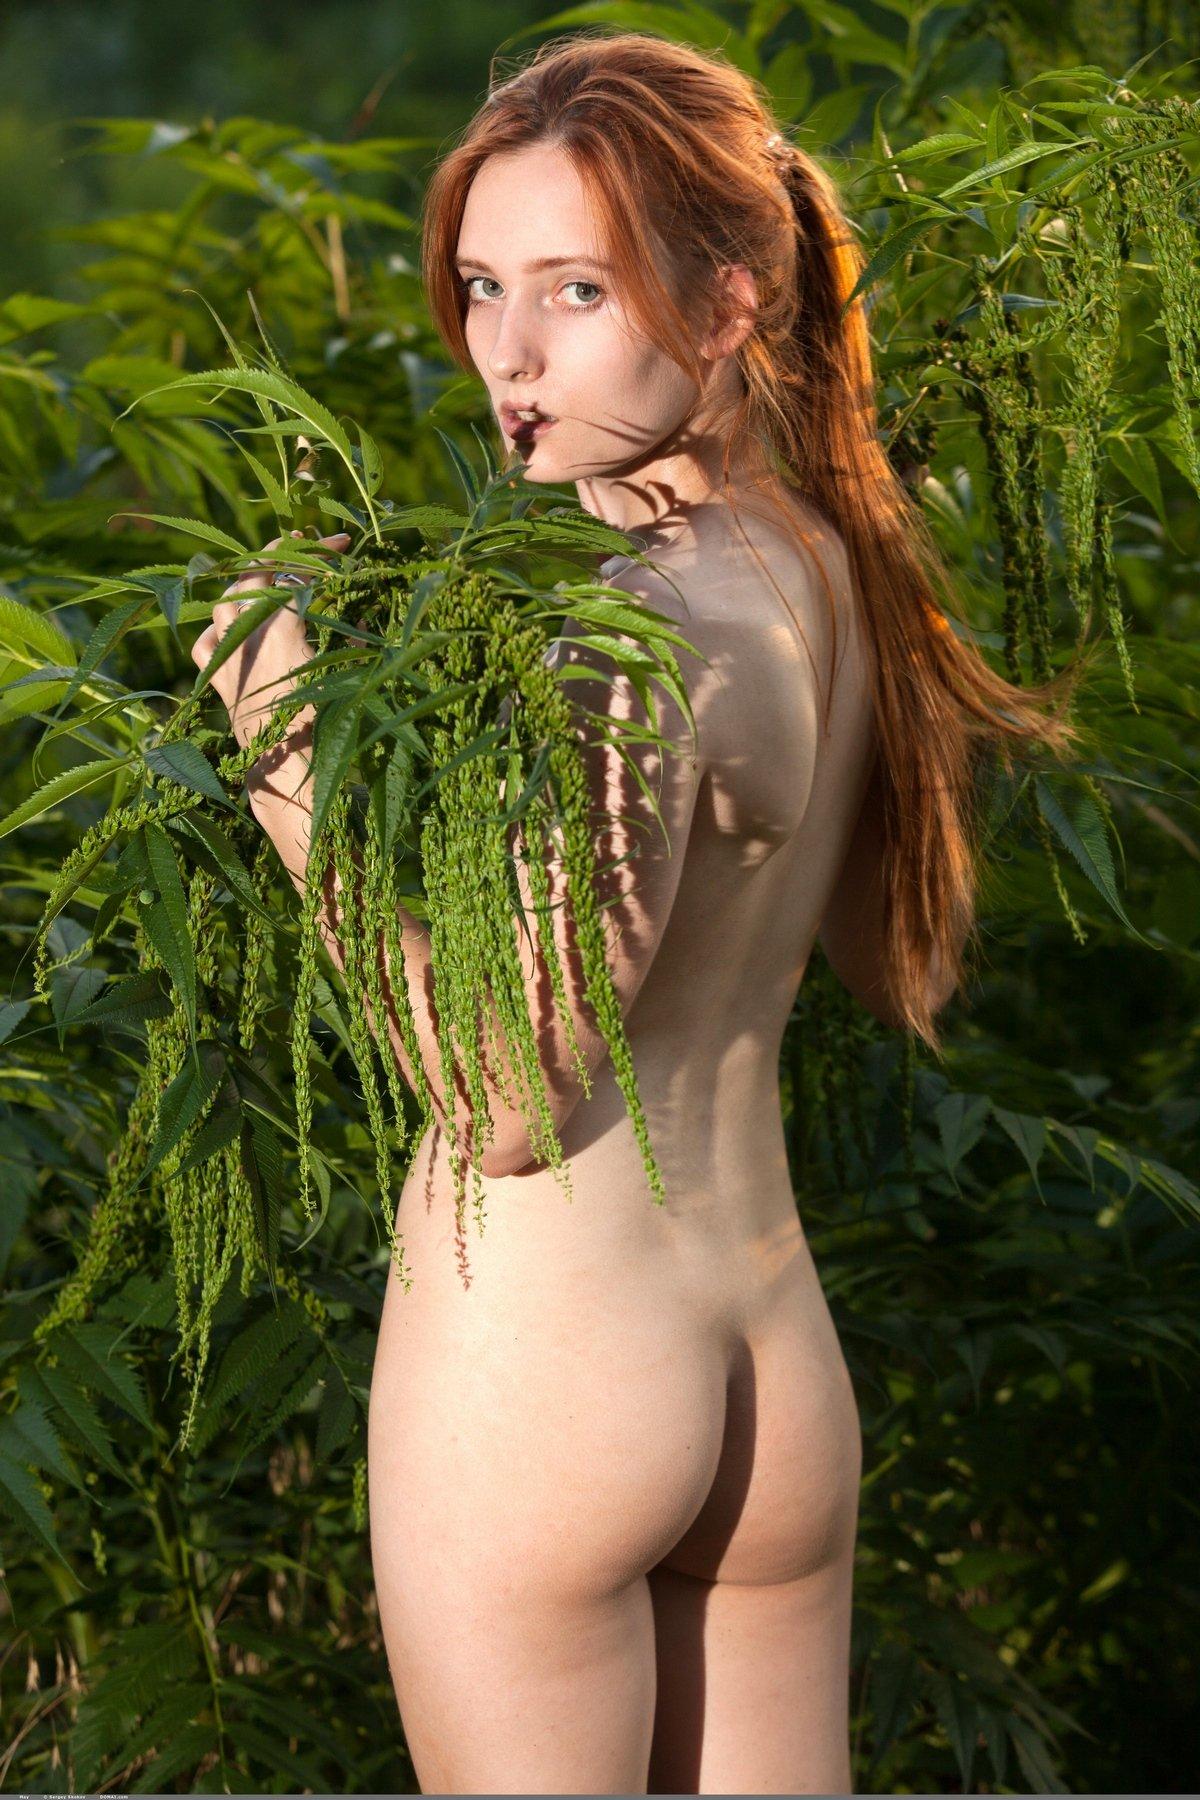 Красивые фото ню обнаженной рыжей девушки на лесной дороге